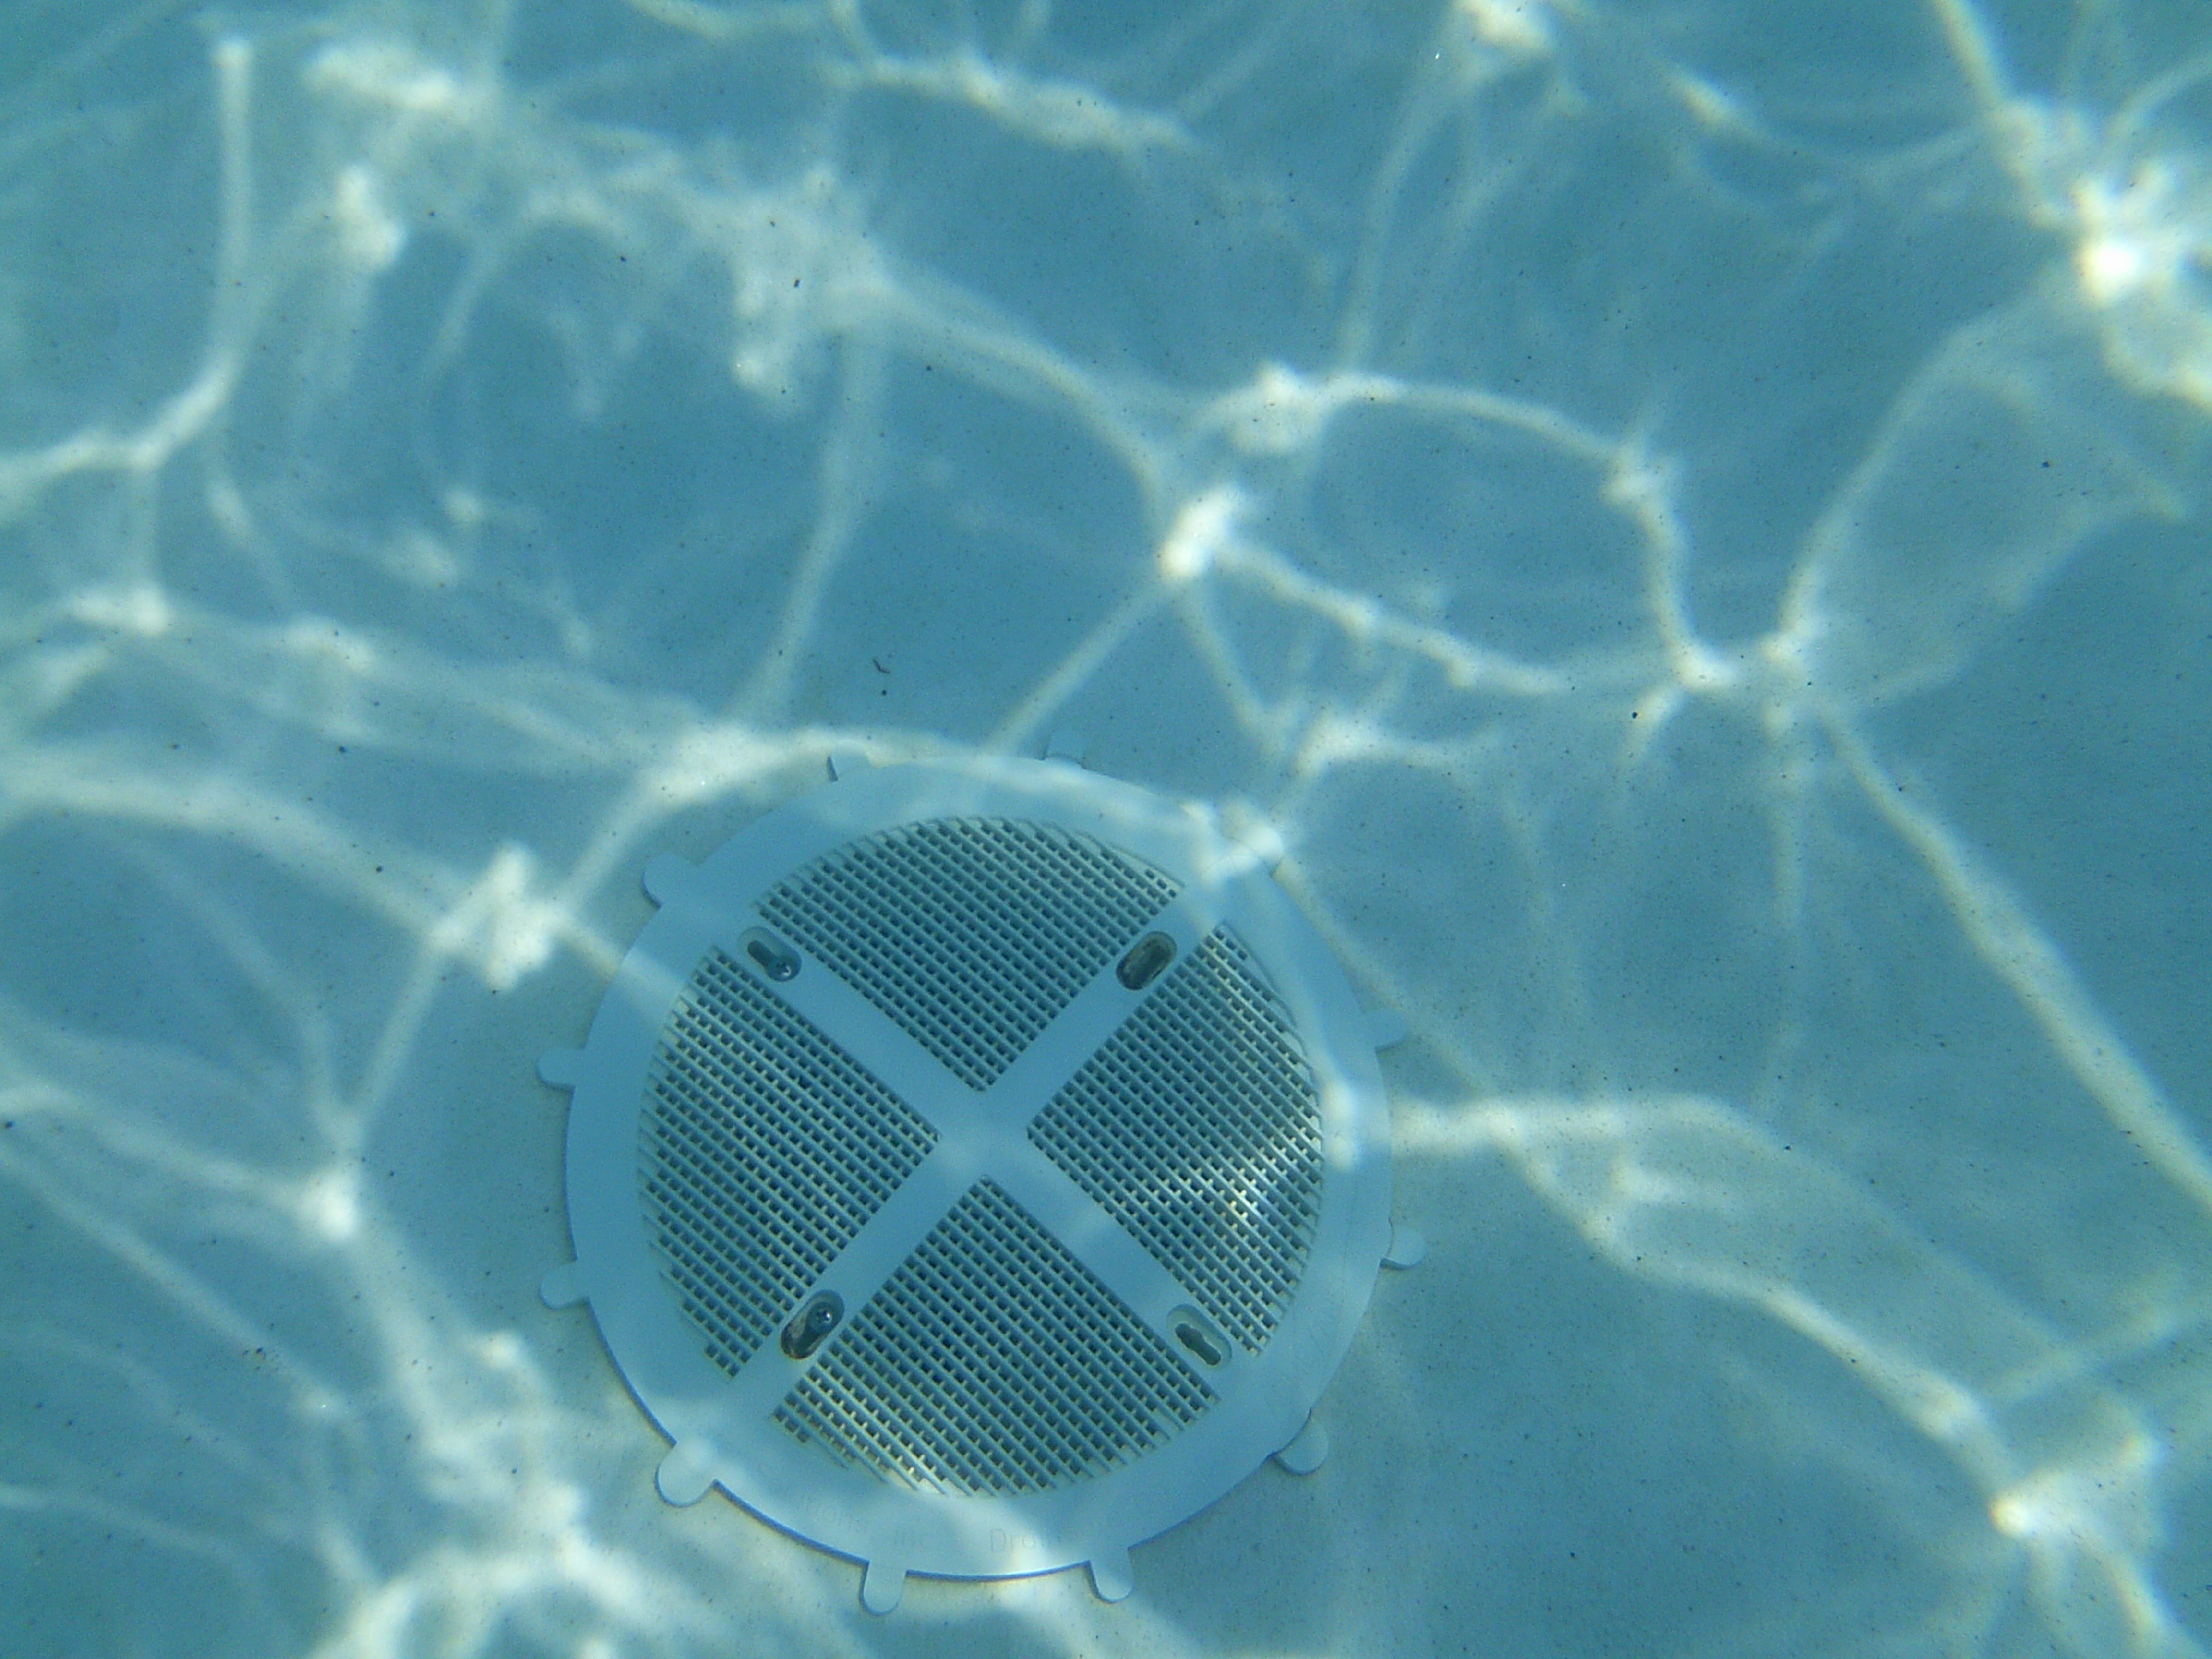 Pool Filter Underwater